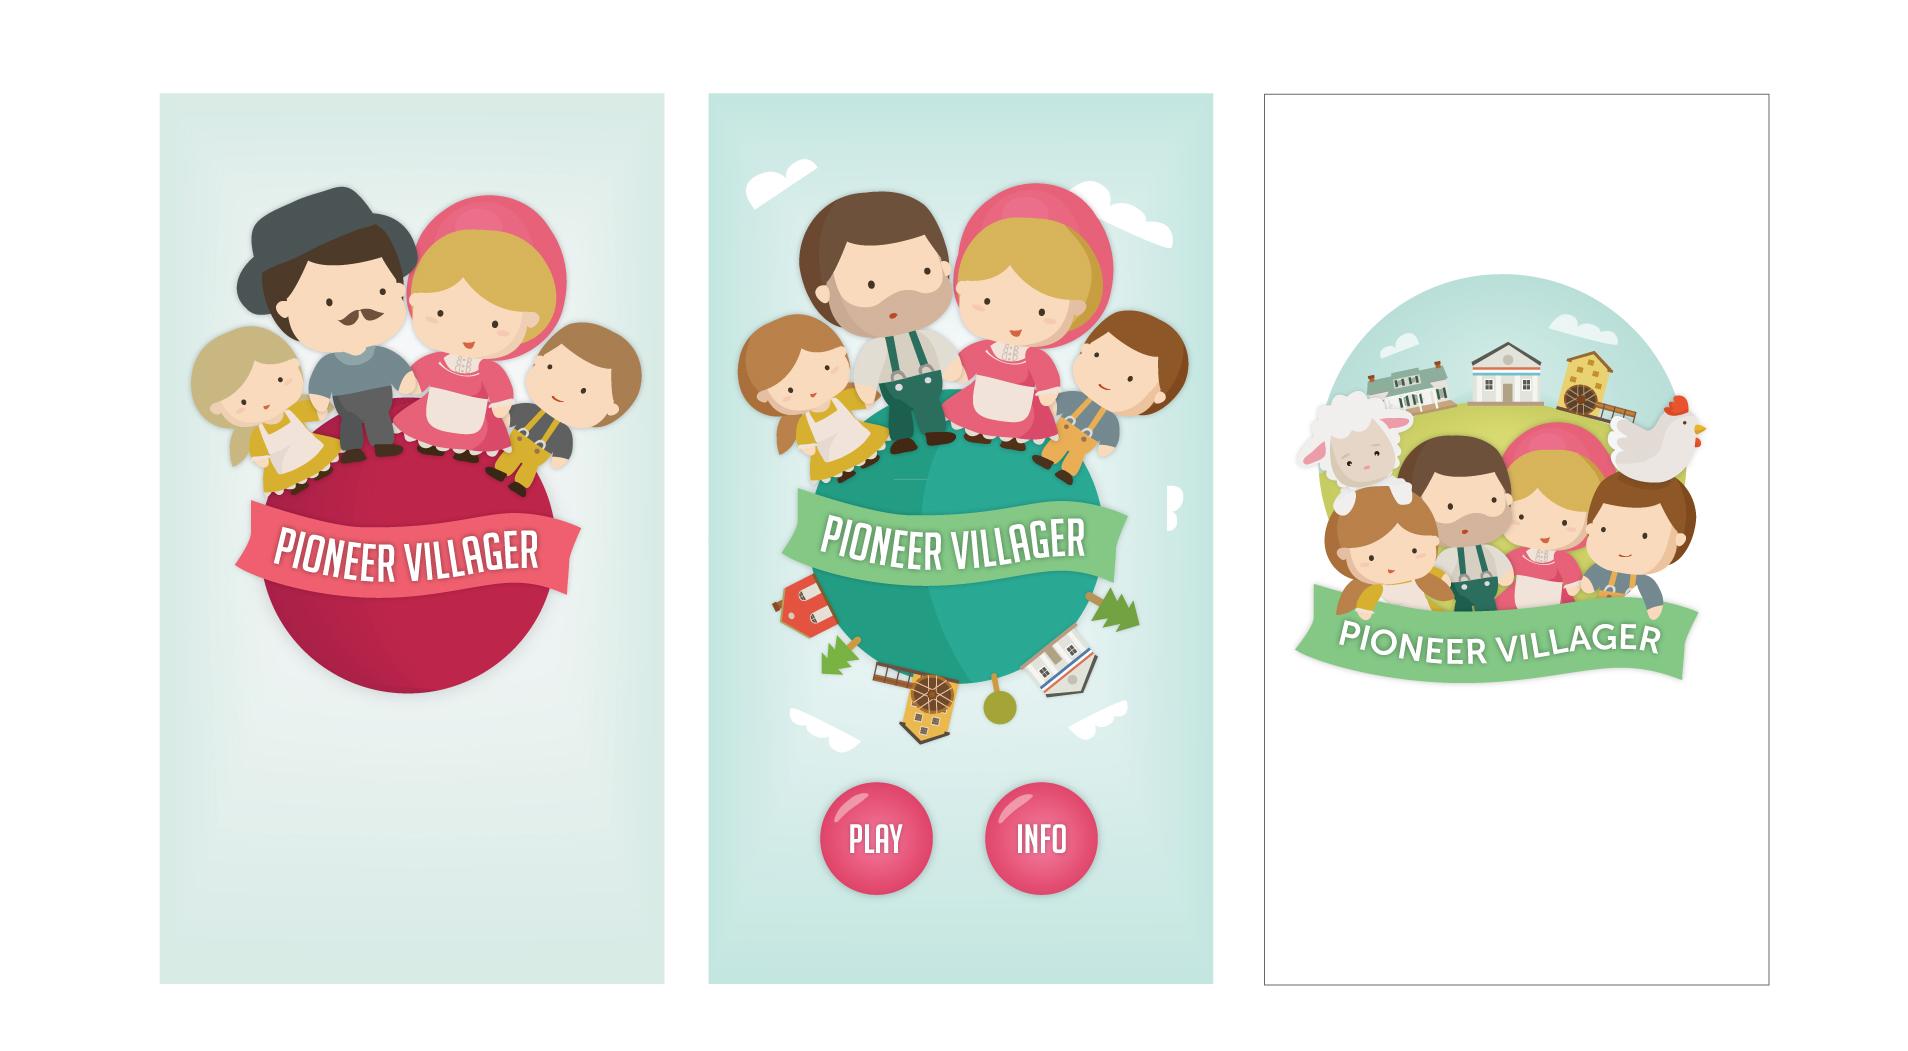 pioneervillager-illustration2.jpg